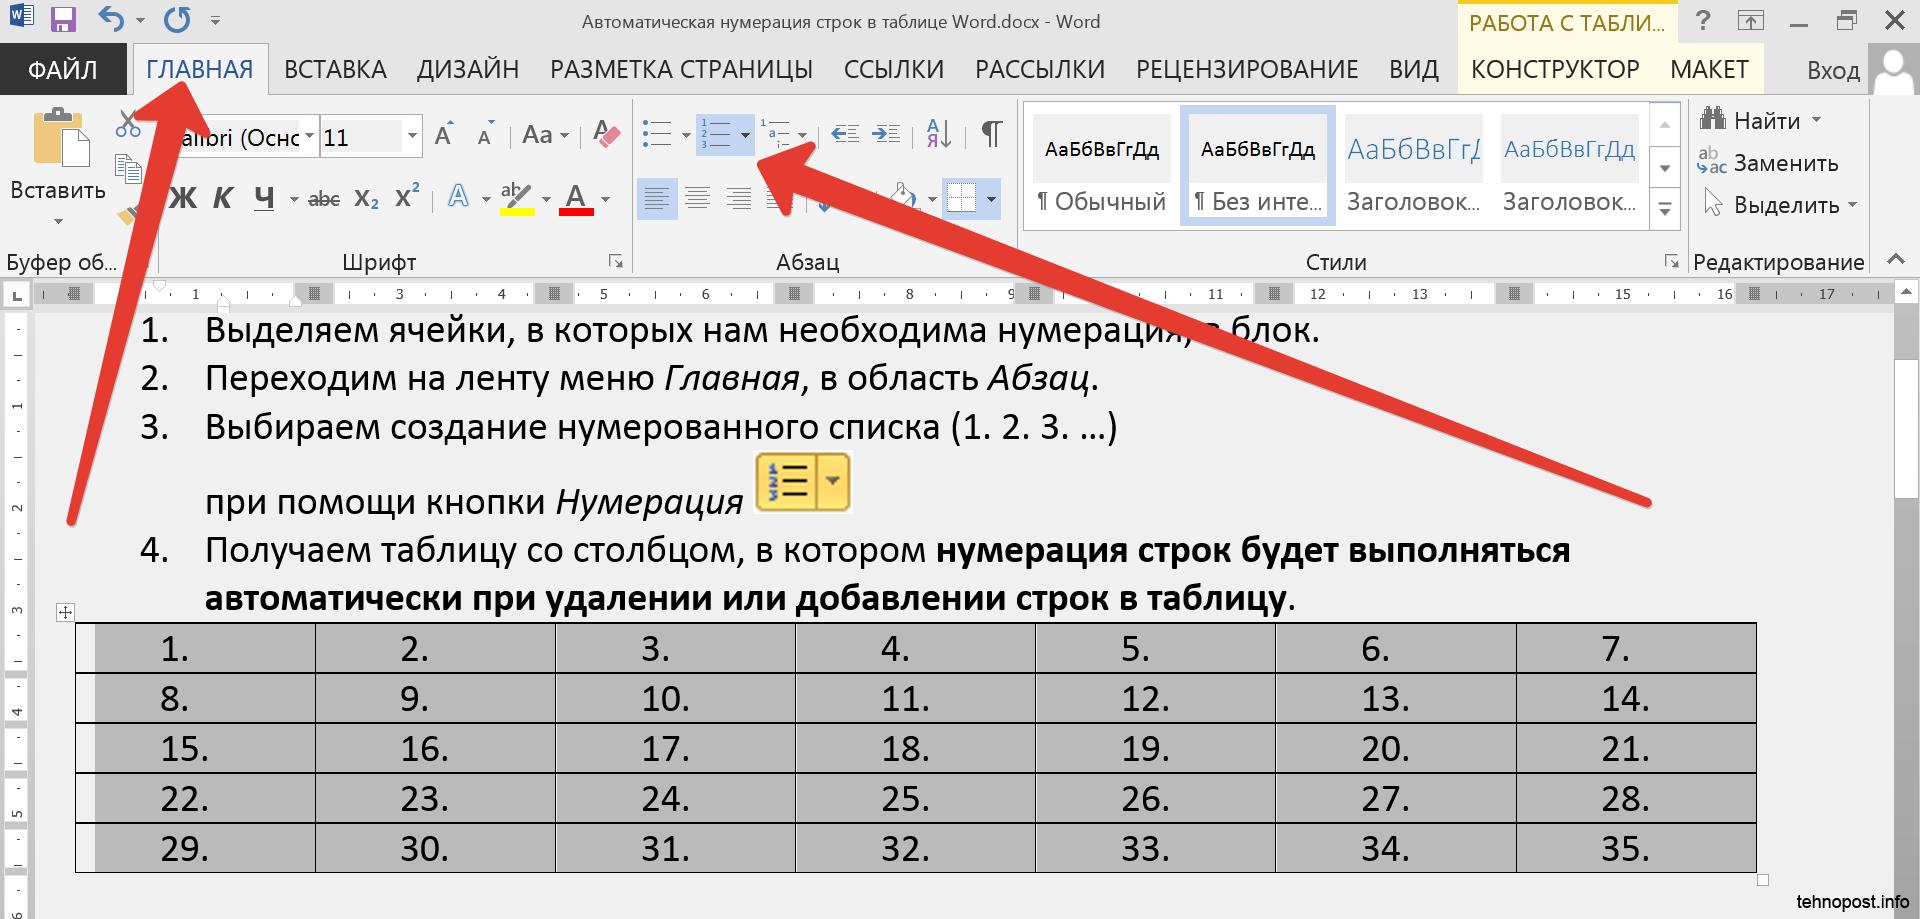 Как в excel сделать нумерацию автоматически